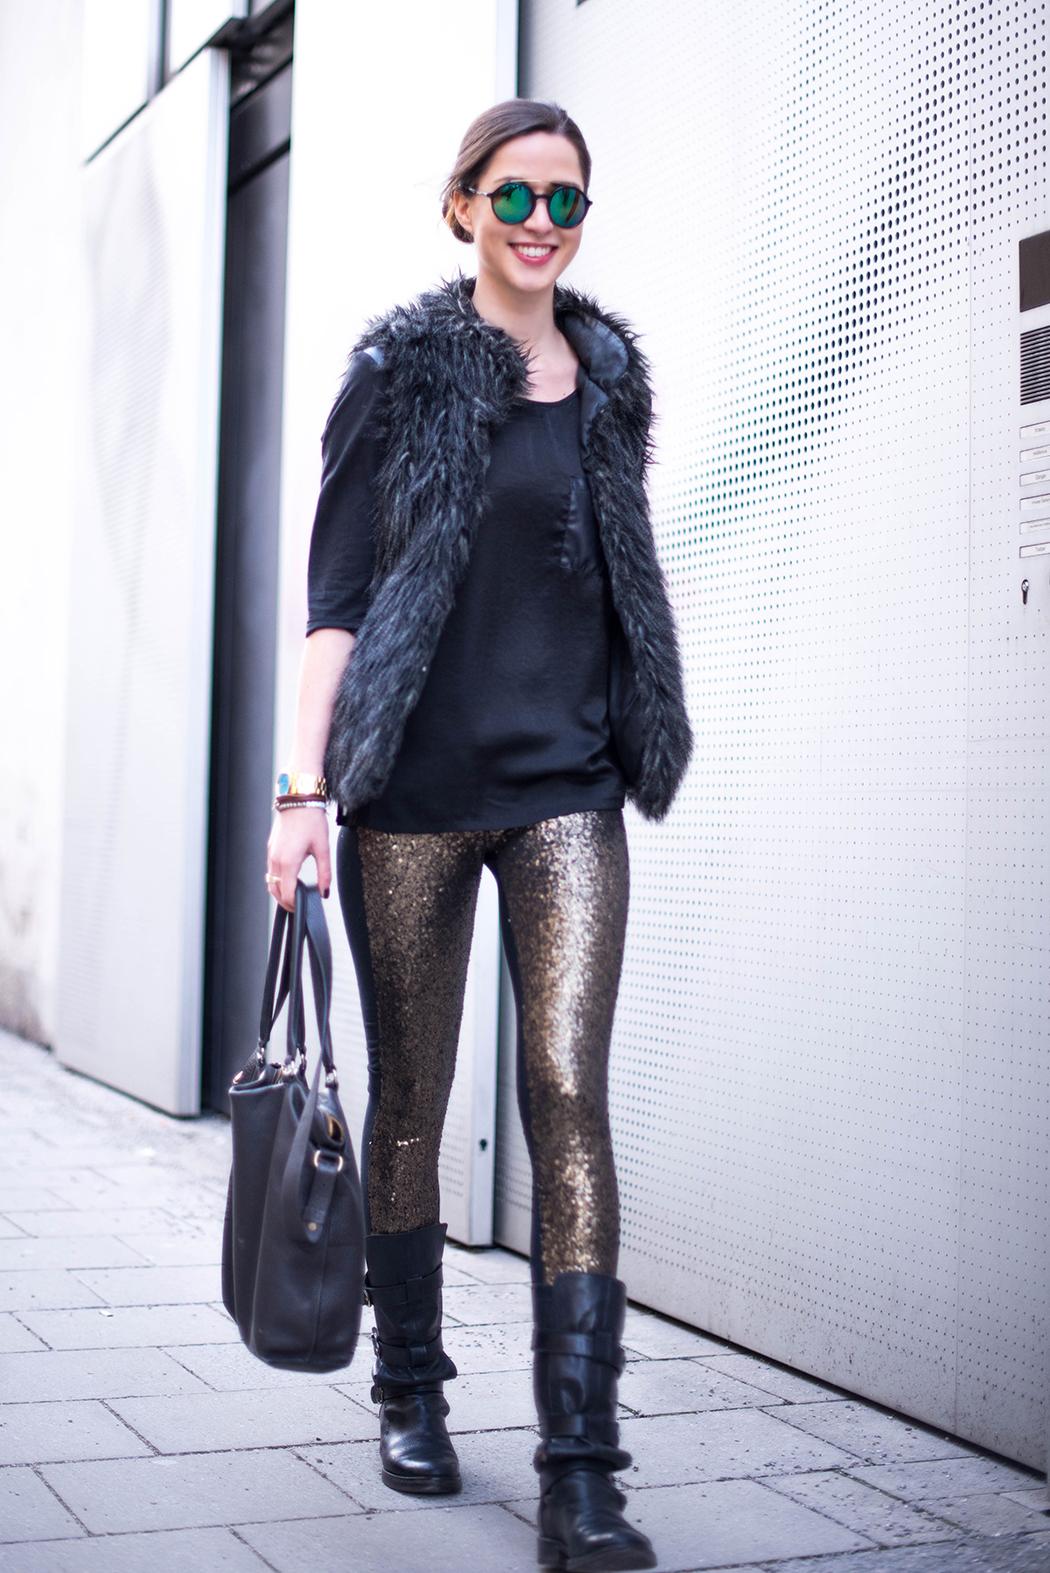 Lindarella-Fashionblogger-München-Outfitpost-6